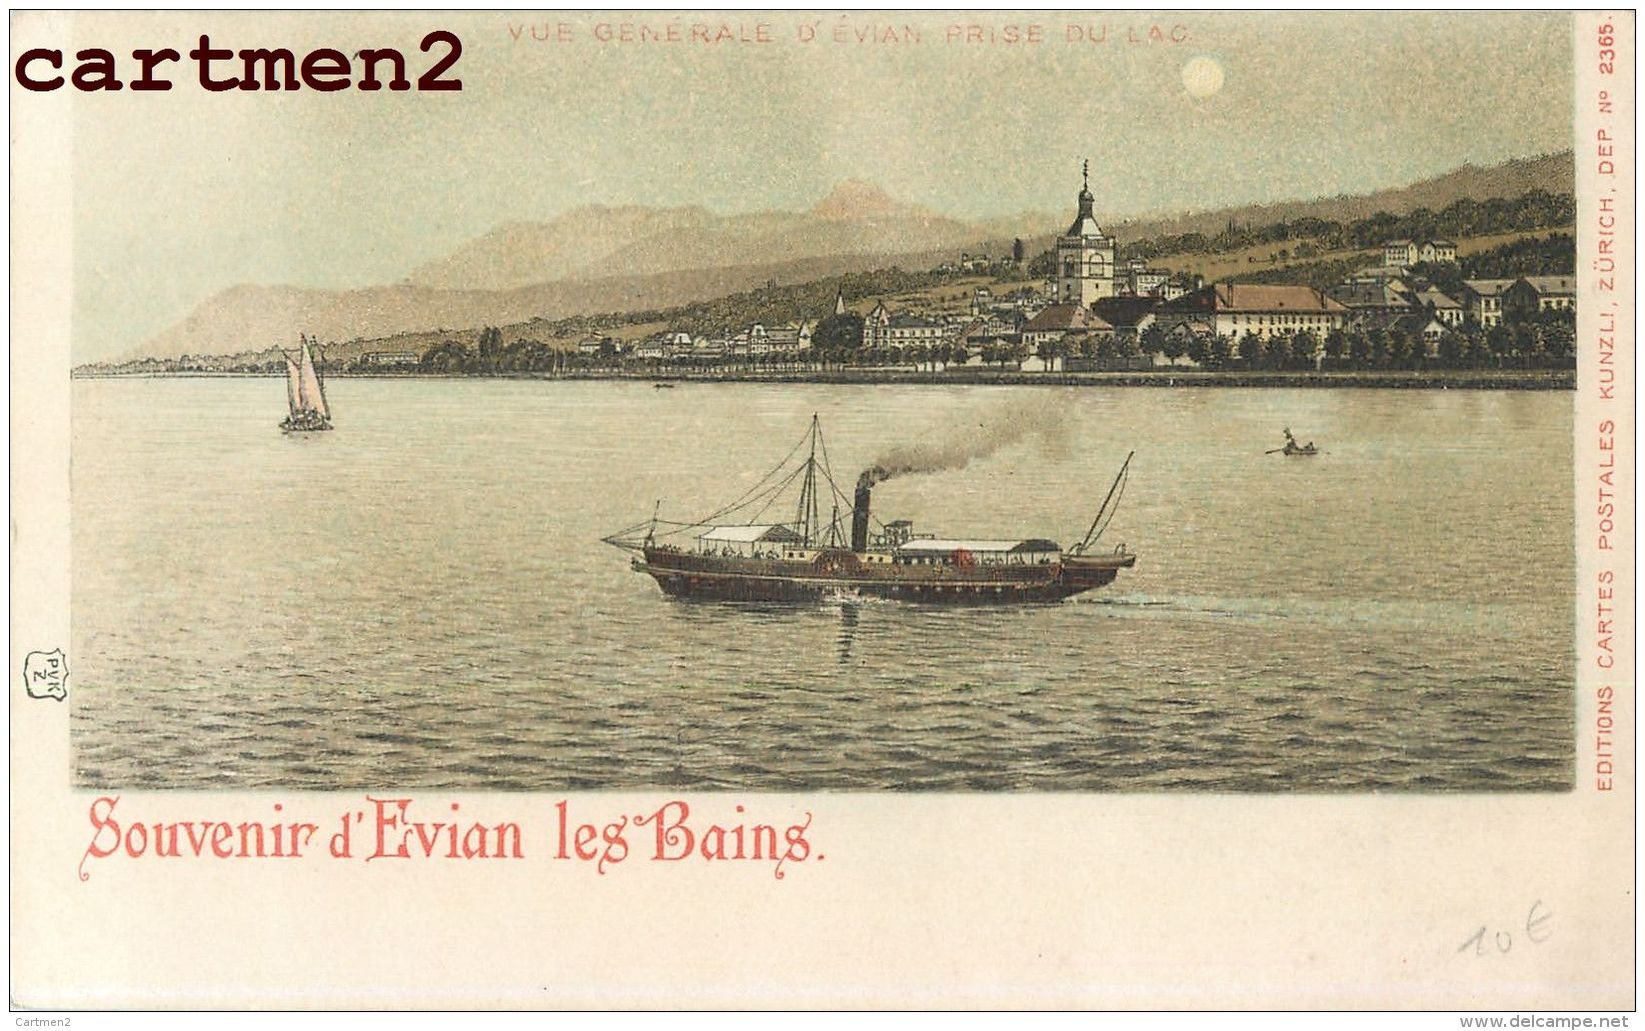 JOLI LOT DE 19 CPA ILLUSTREES LAC LEMAN EVIAN-LES-BAINS ILLUSTRATEUR PUBLICITE LITHO GRUSS ART NOUVEAU 74 HAUTE-SAVOIE - Evian-les-Bains